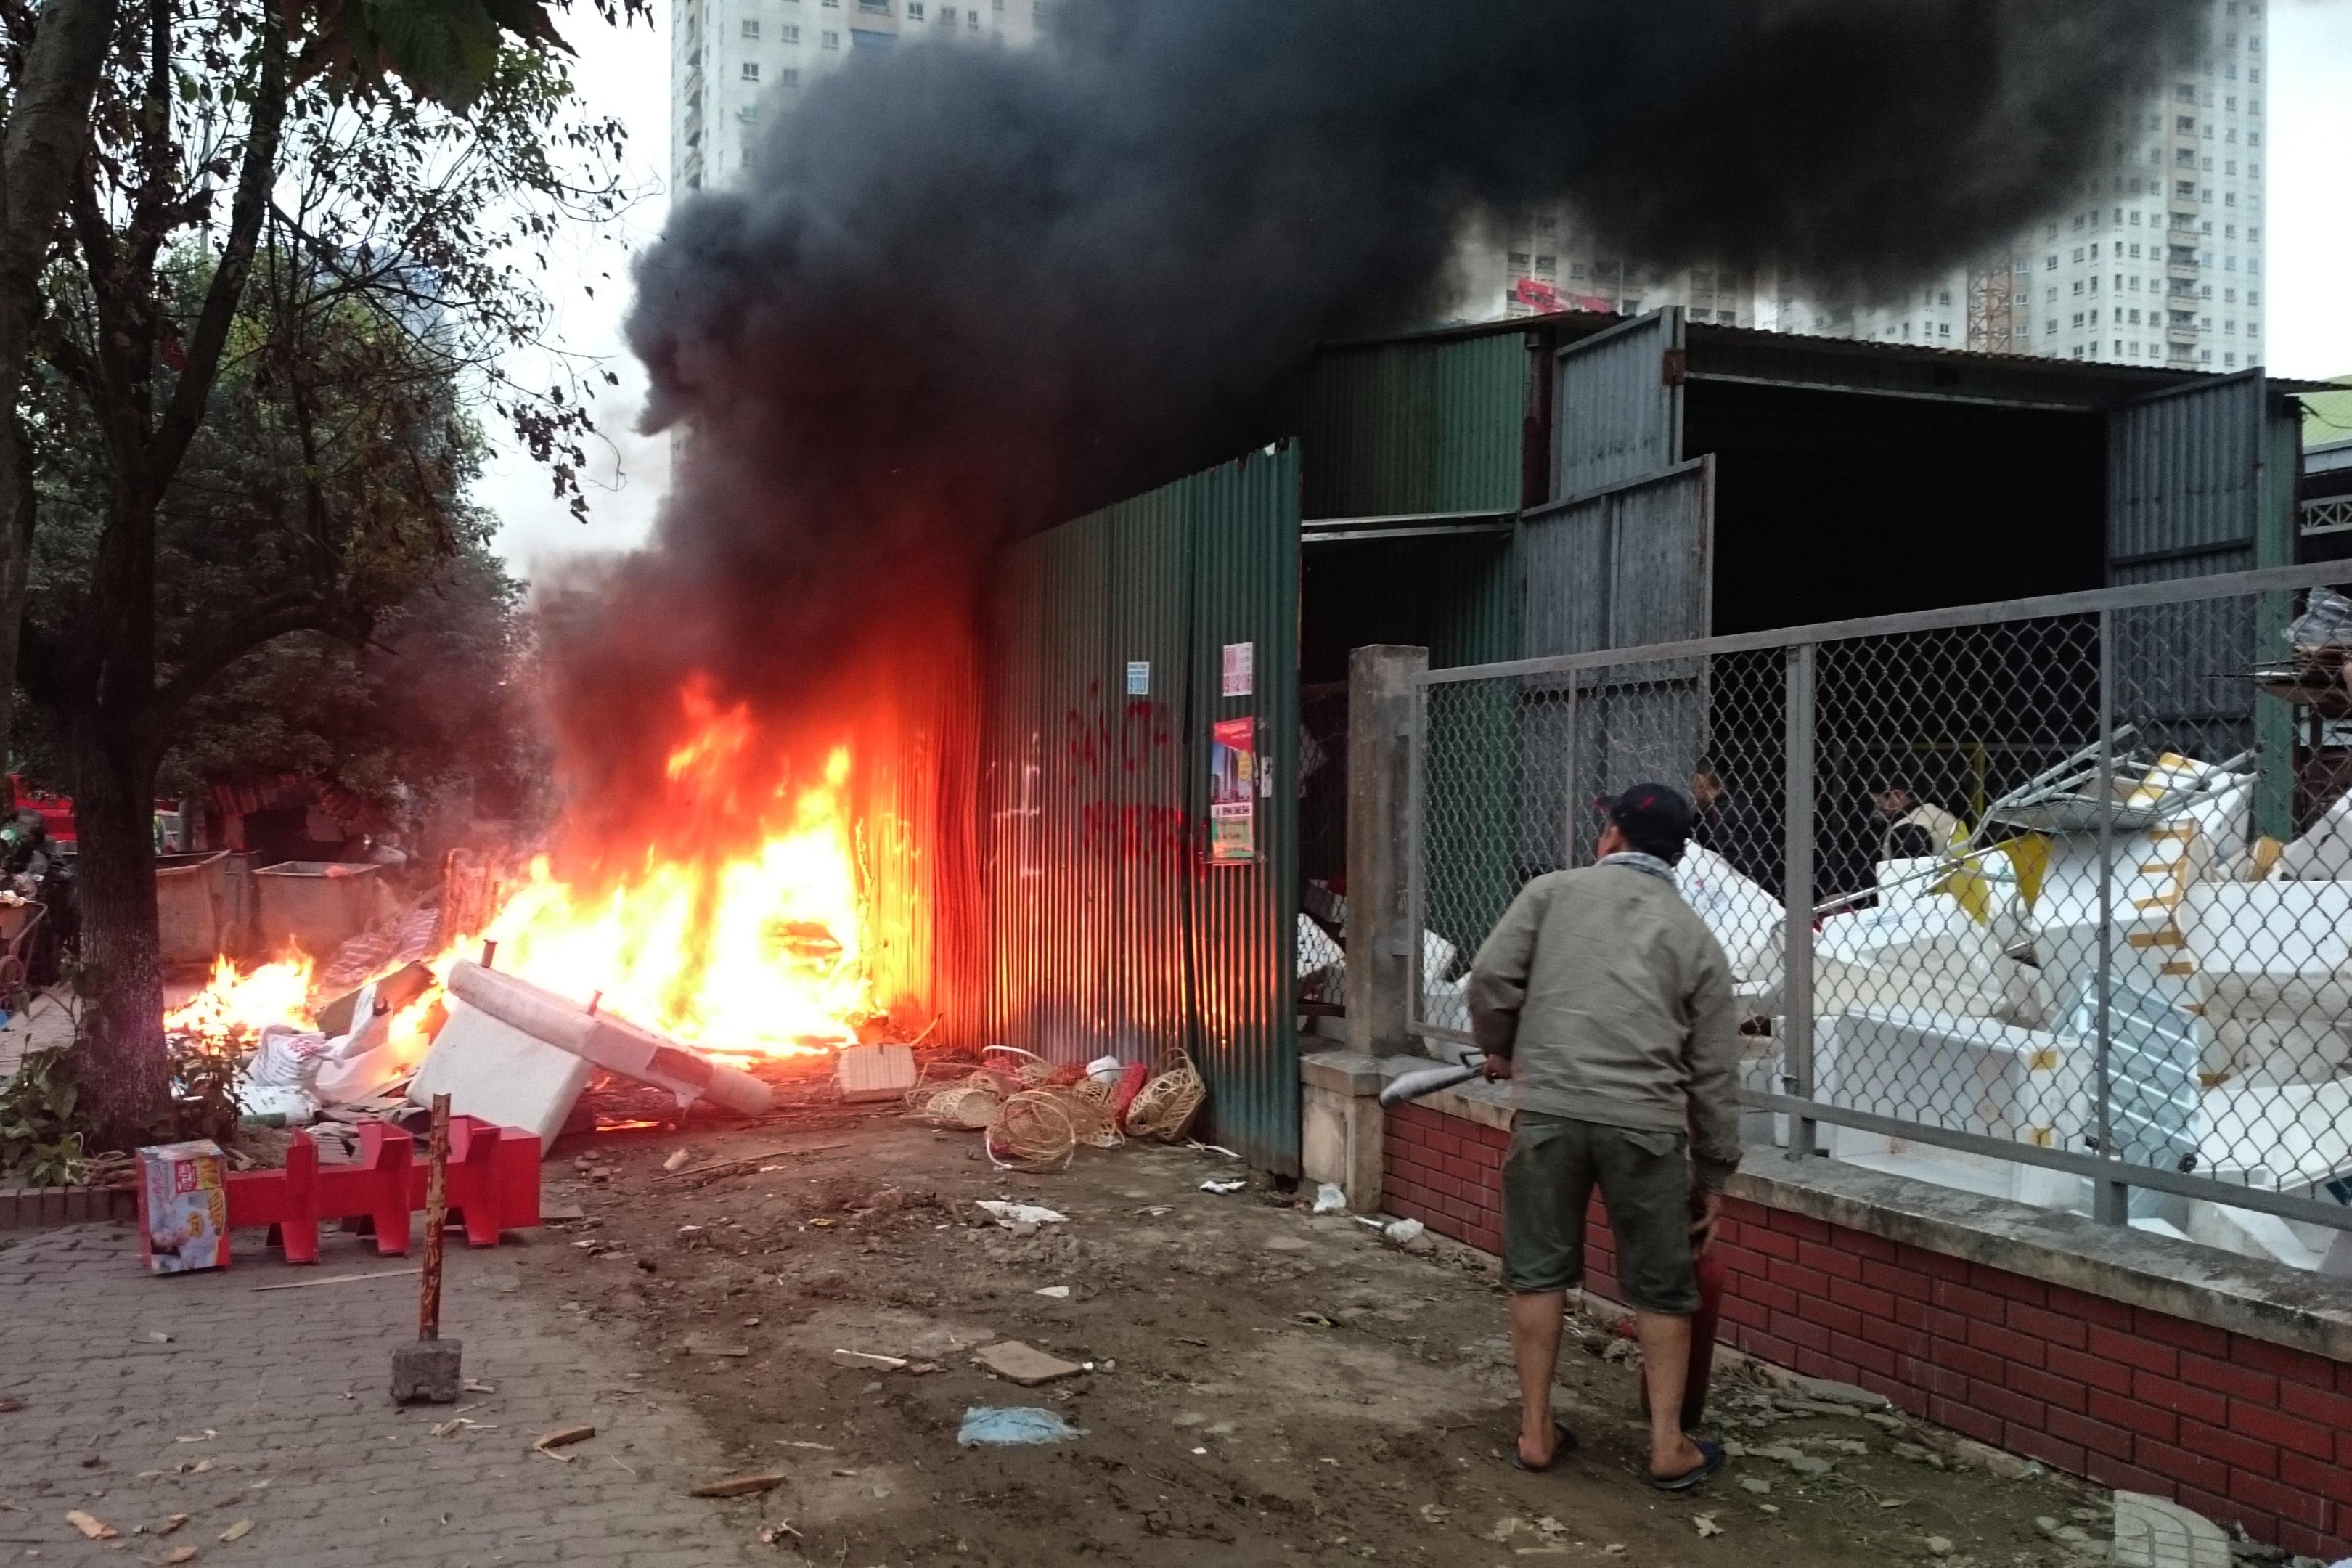 Đám cháy bùng phát dữ dôi ngay sát vách kho chứa đồ của siêu thị Big C Thăng Long